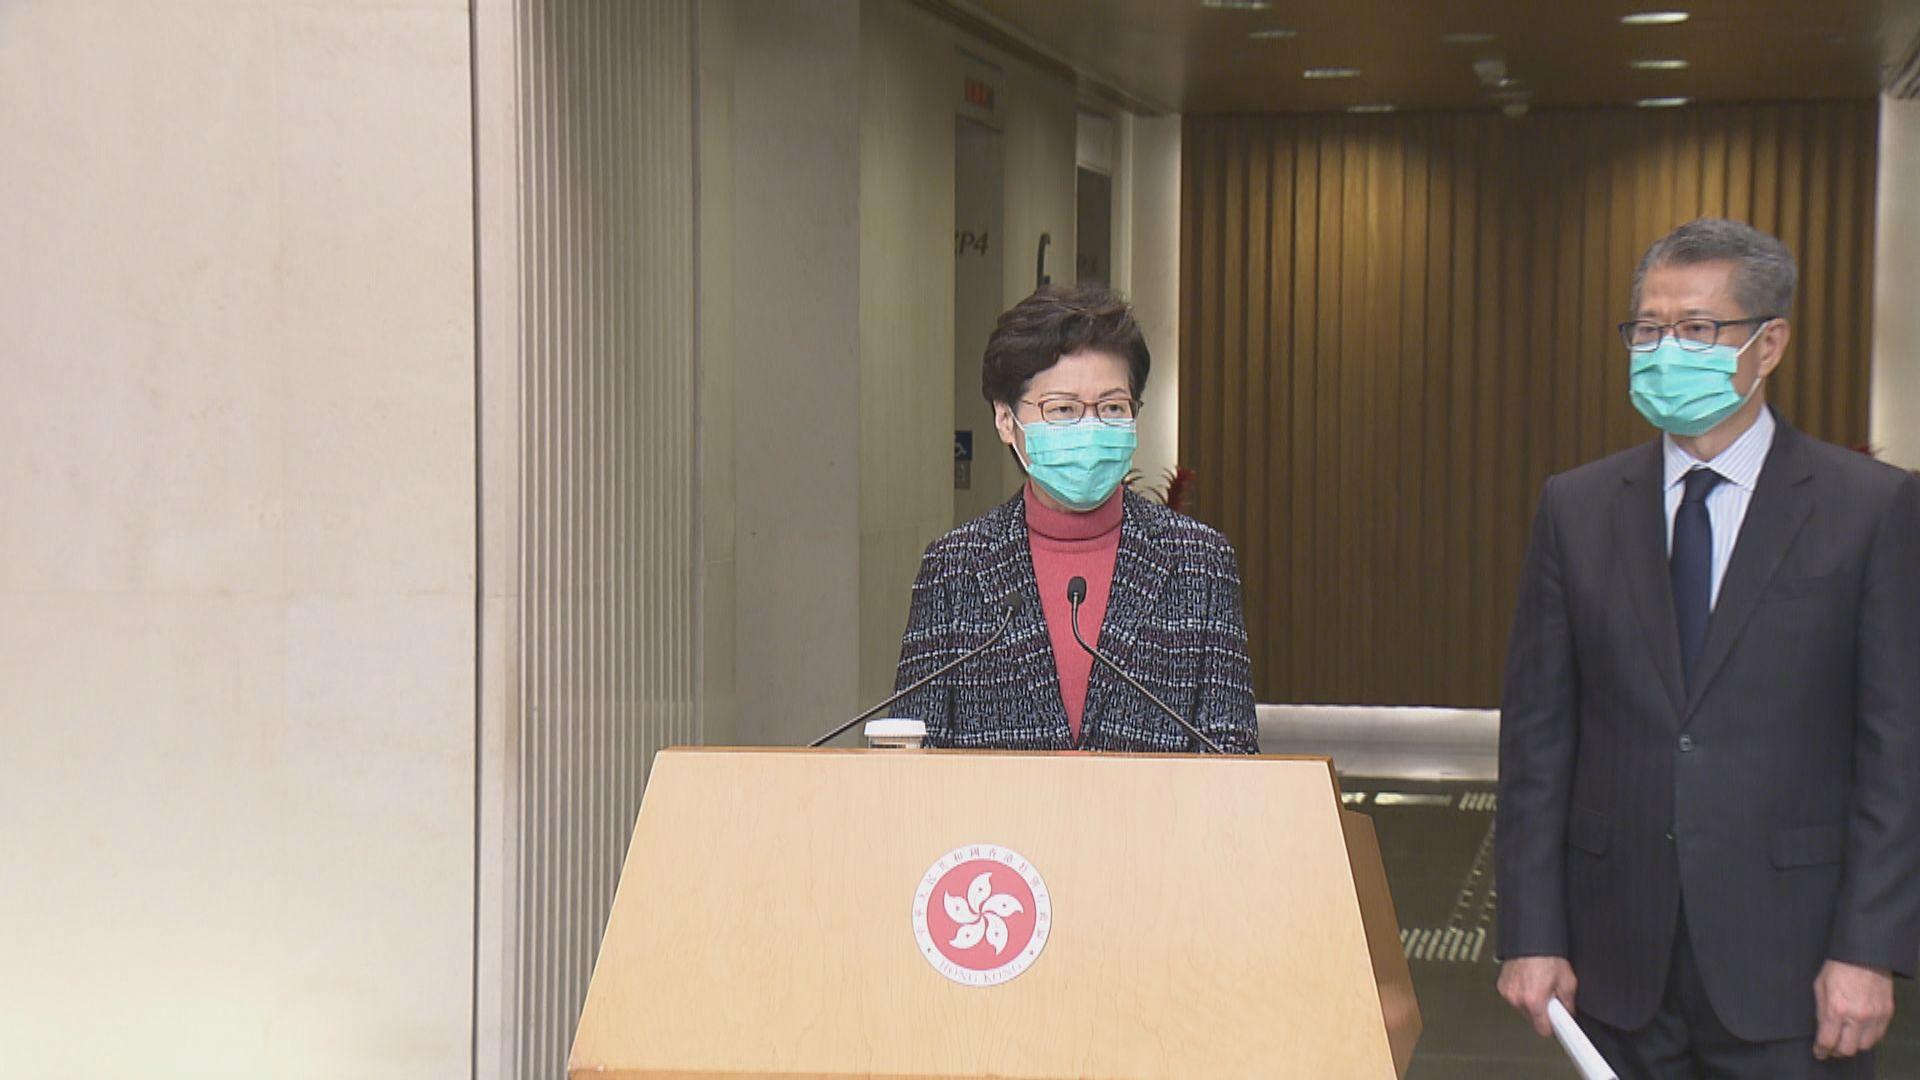 林鄭︰獨立檢討委員會短期內不會公布